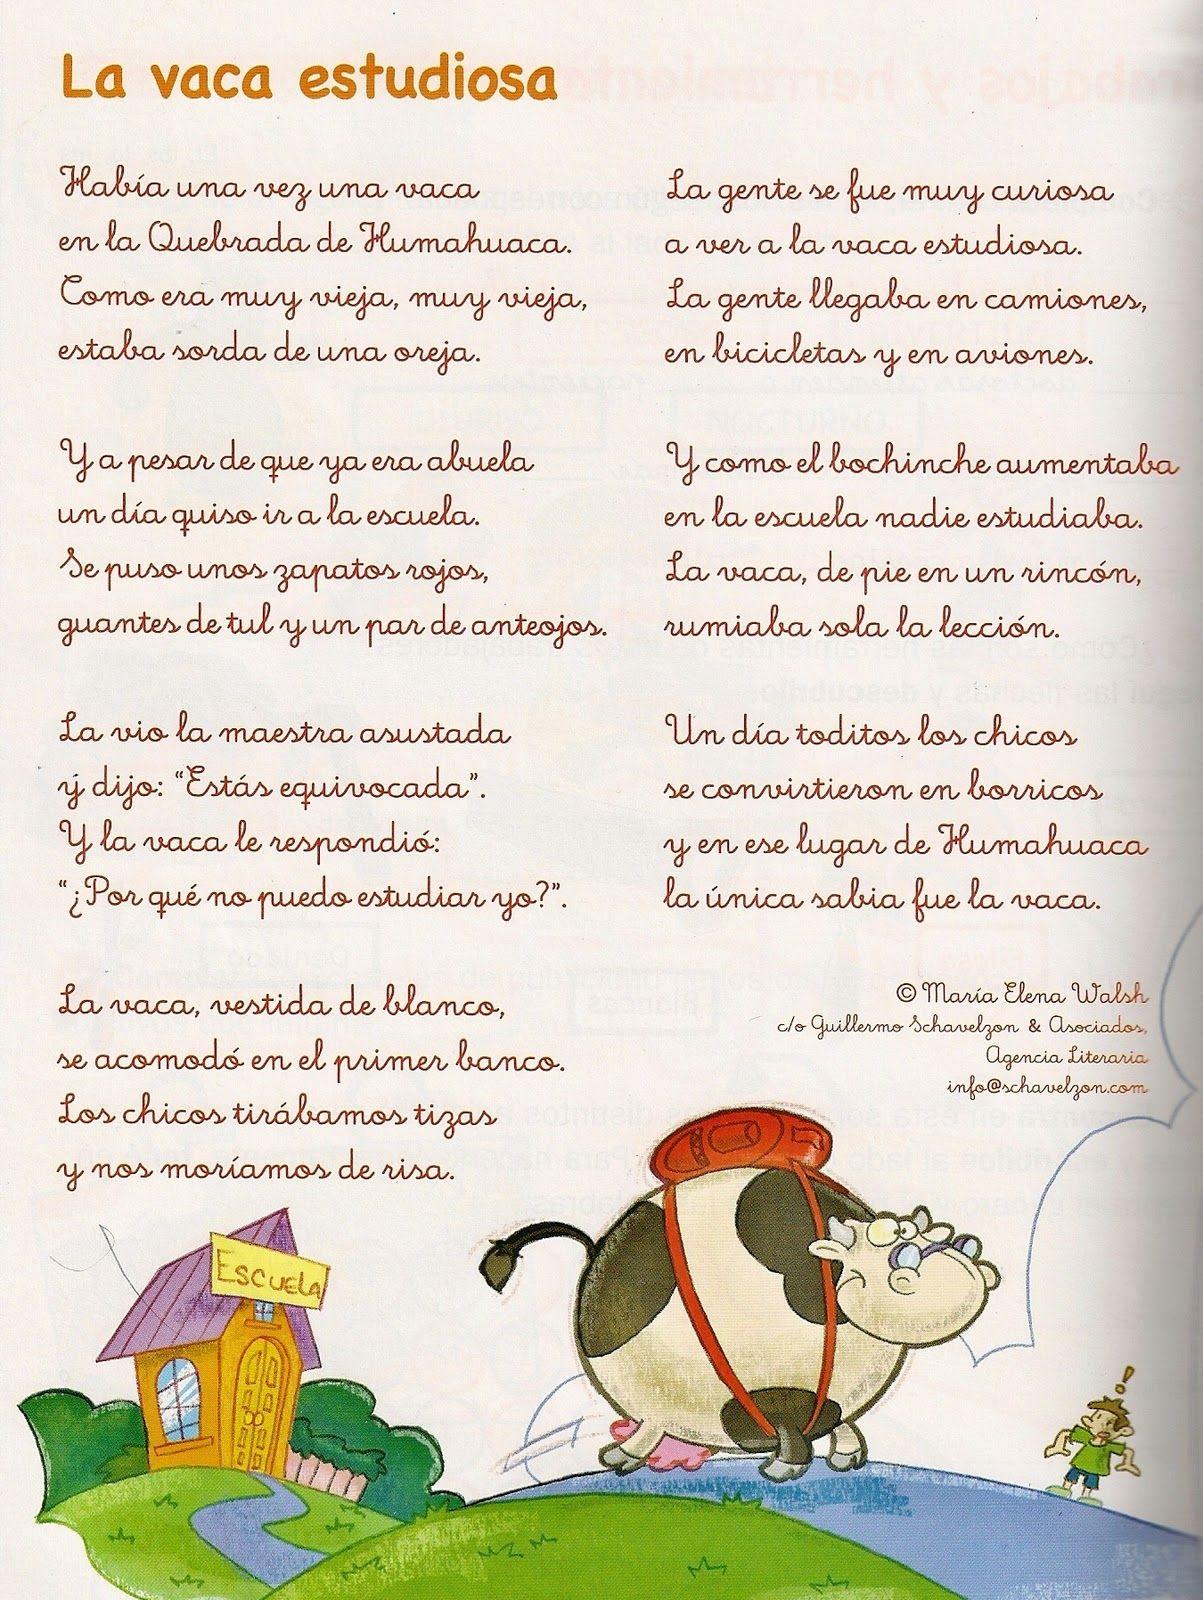 La Vaca Estudiosa Rimas Versos Y Estrofas Primer Ciclo